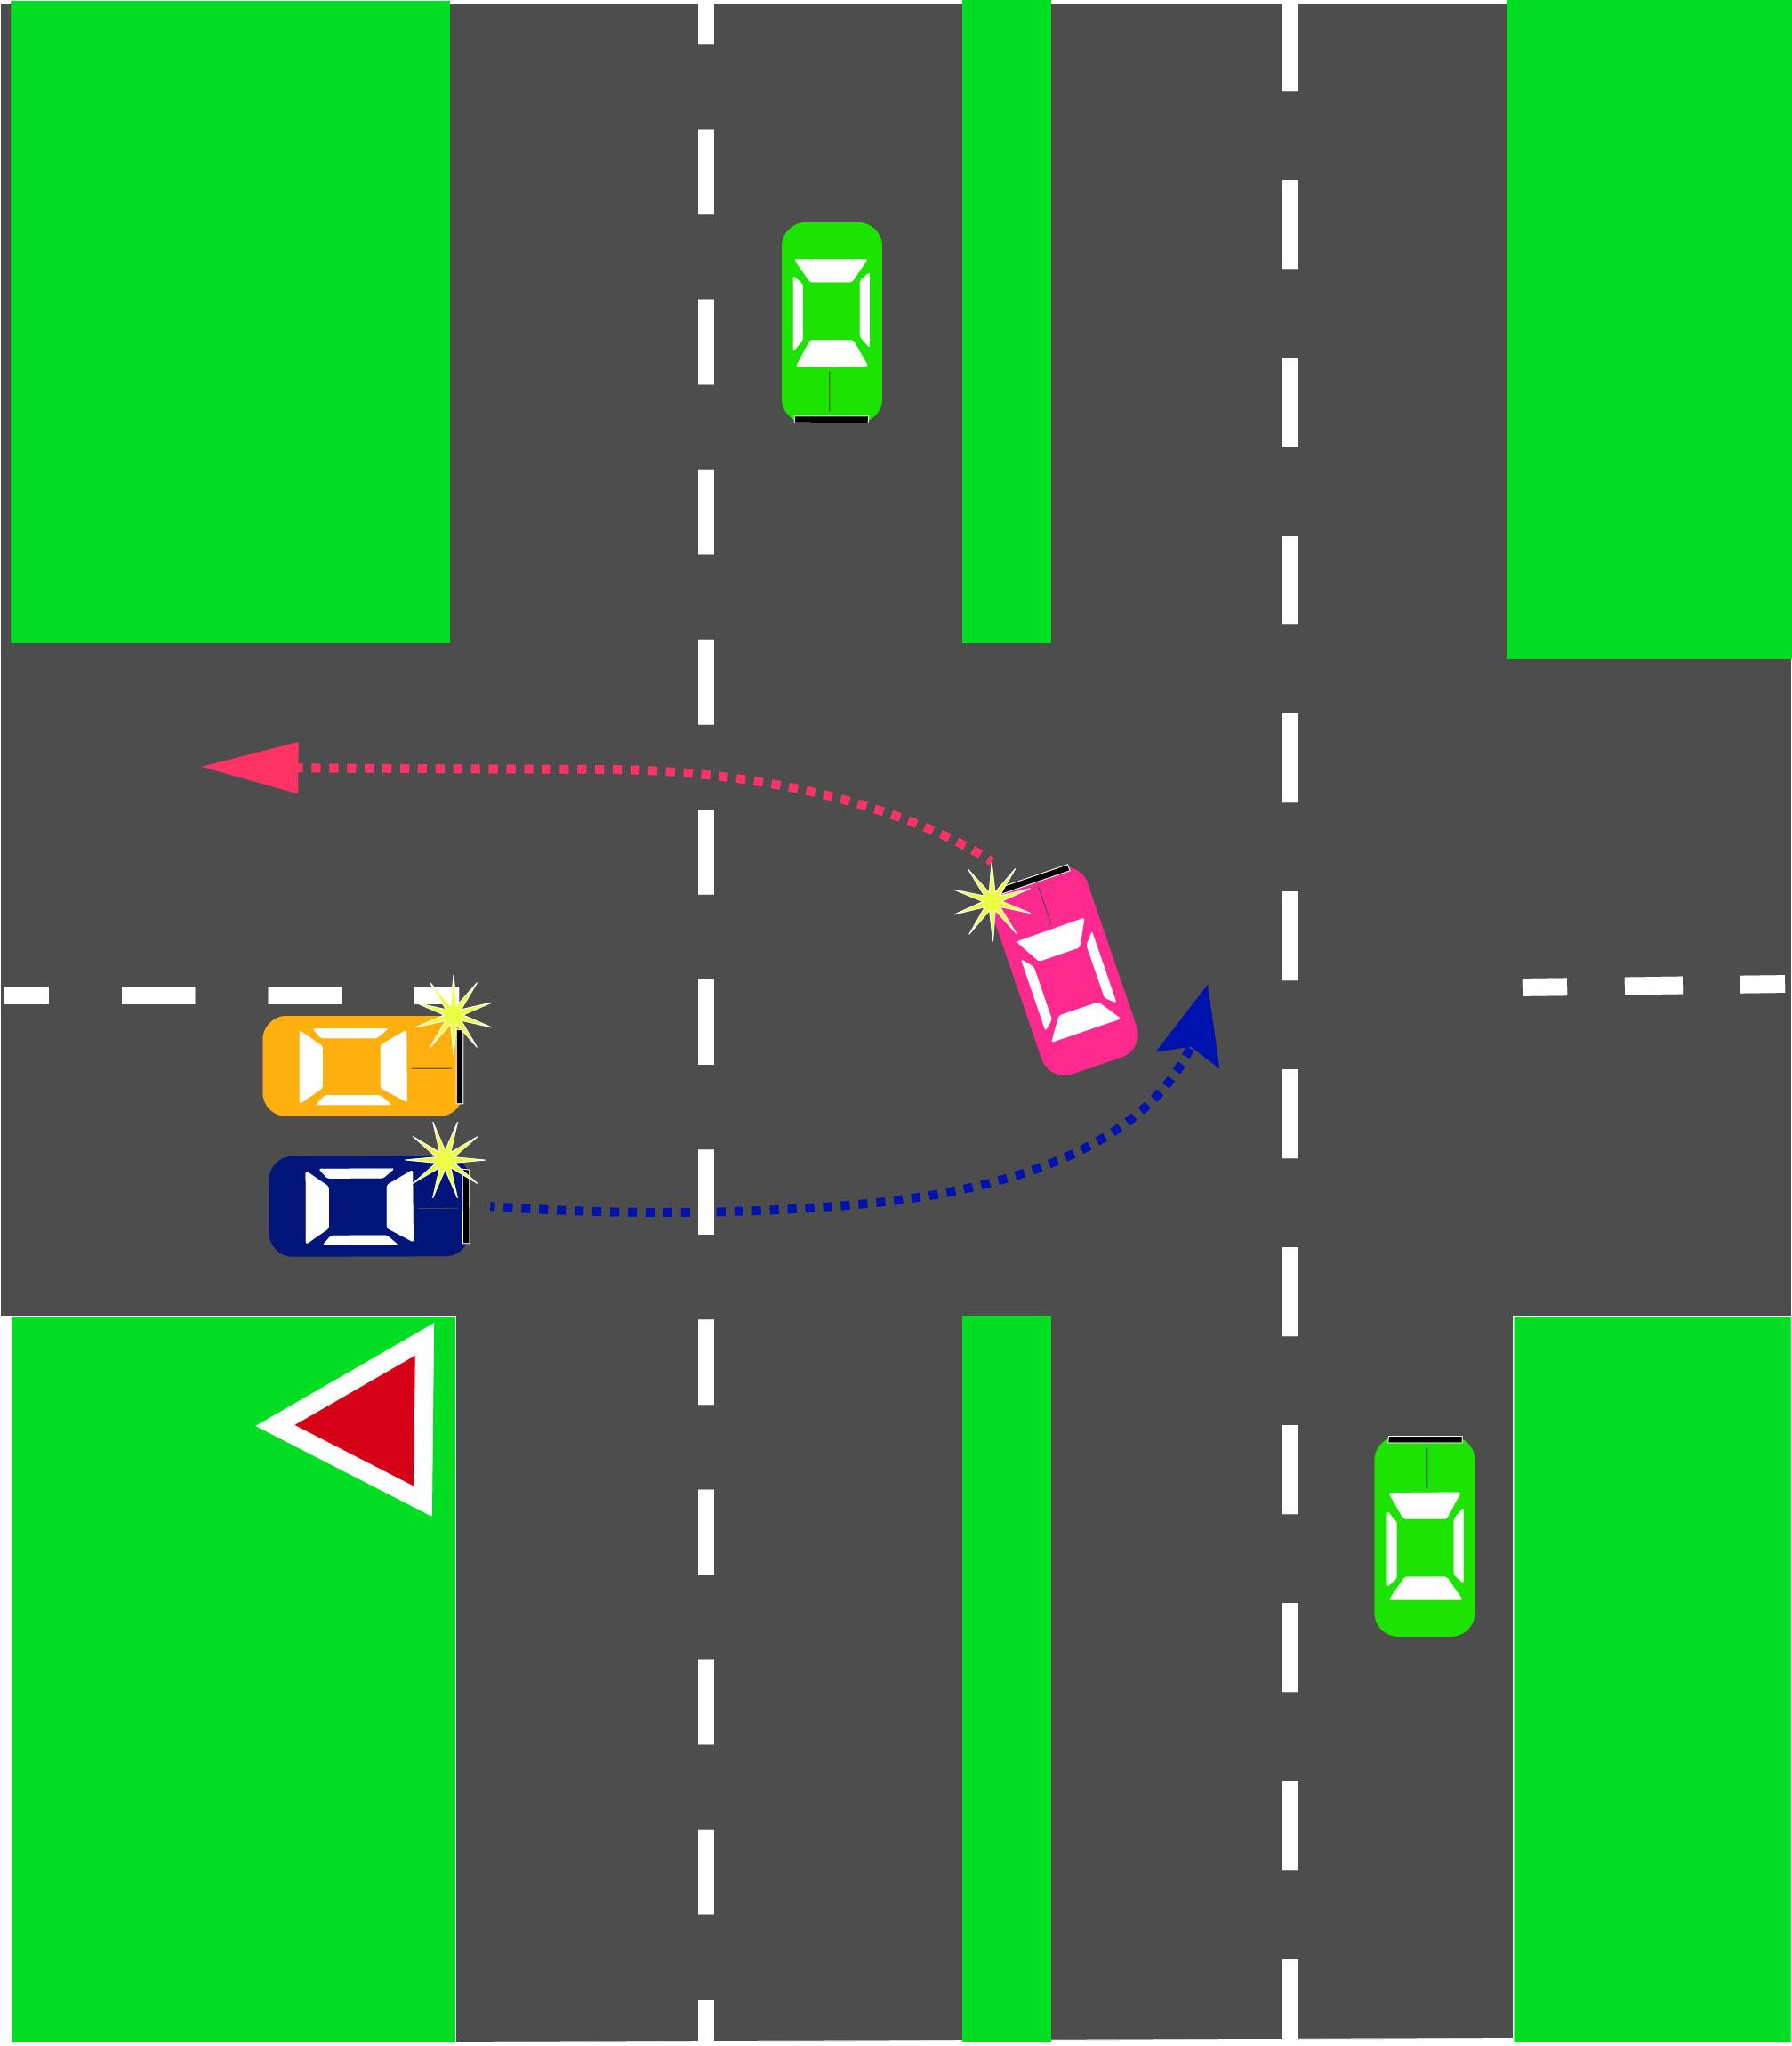 Правила проезда перекрестков программа для определения входа и выхода из рынка форекс